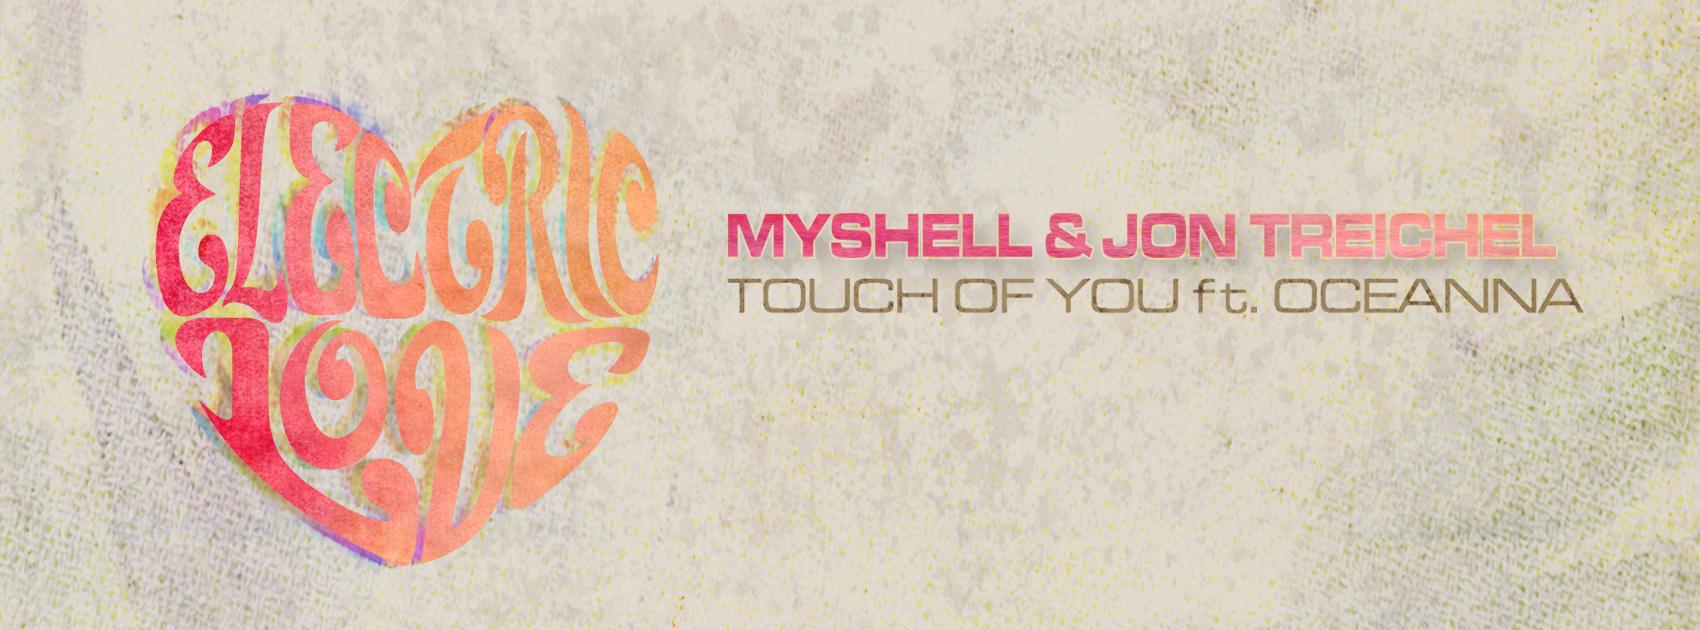 touchbanner.jpg